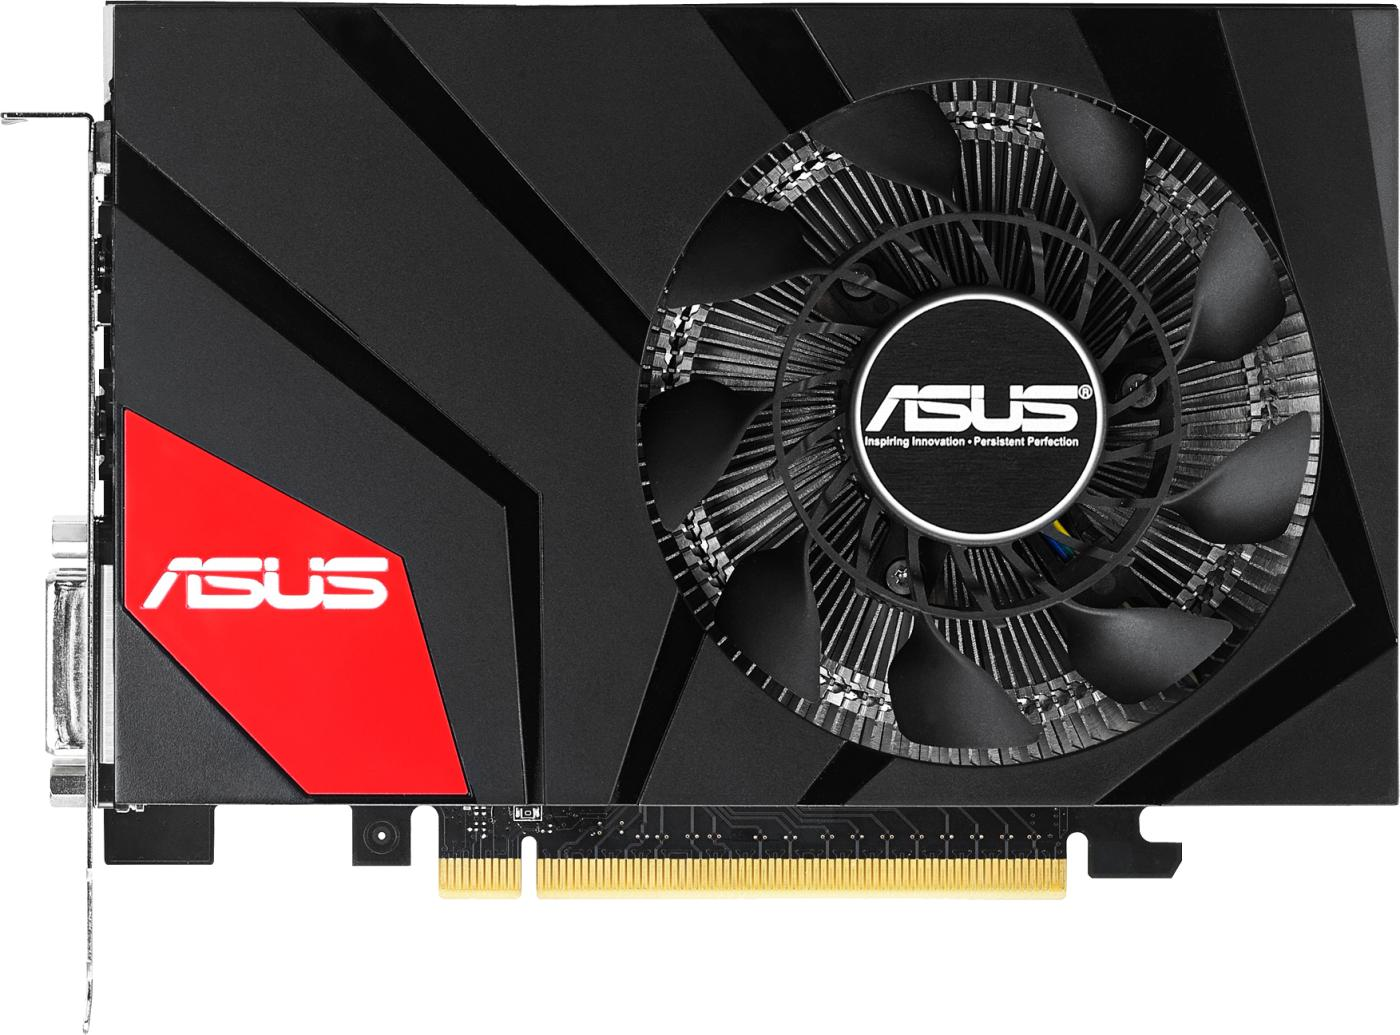 Asus GeForce GTX 760 DirectCU Mini OC